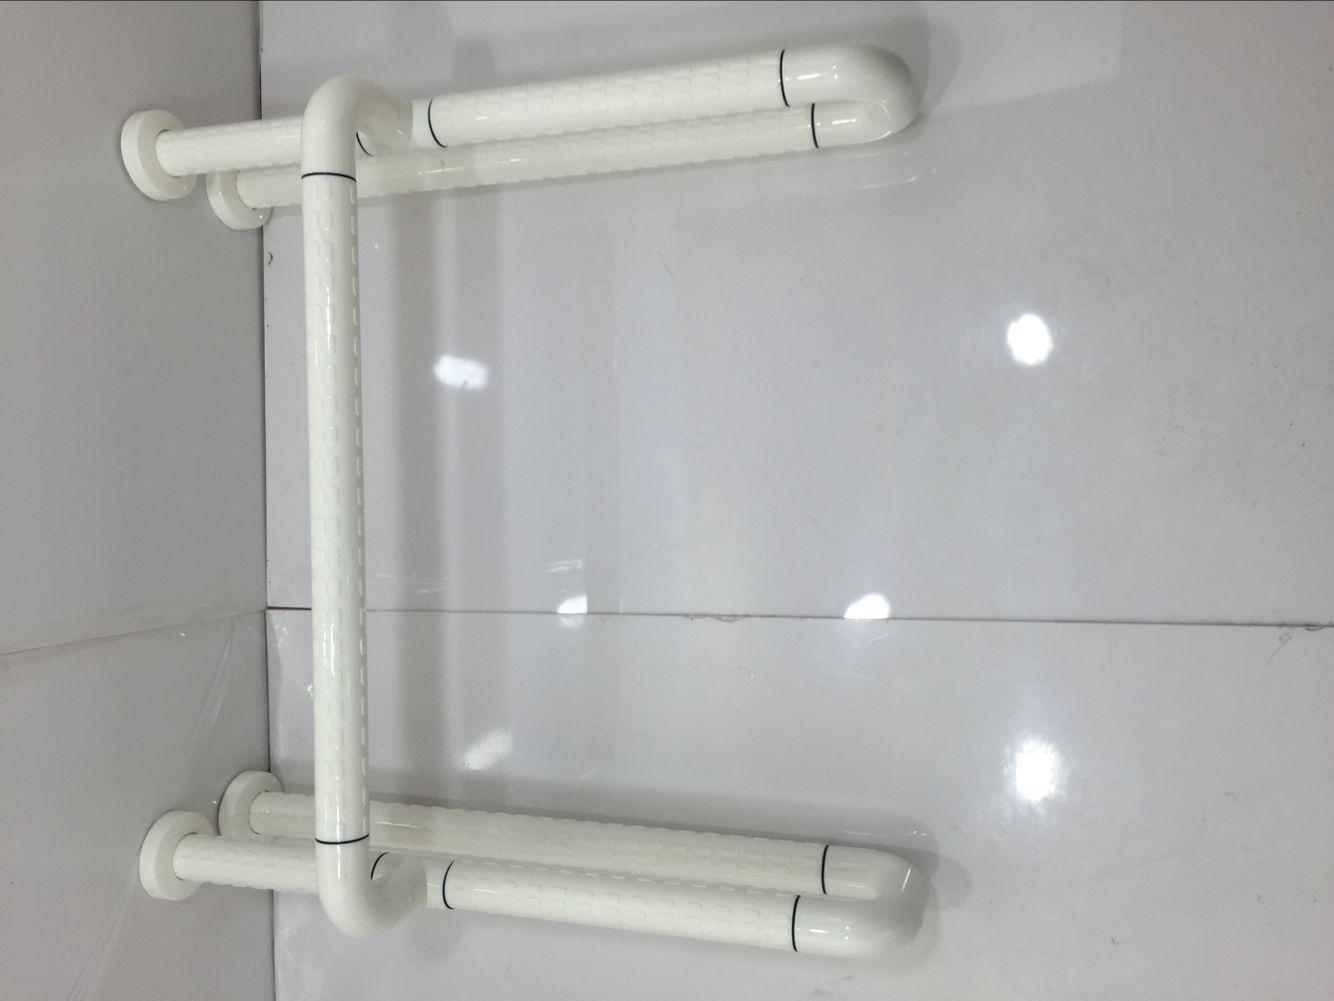 公共卫生间尼龙悬挂洗手盆扶手浴室安全扶手 残疾人无障碍扶手